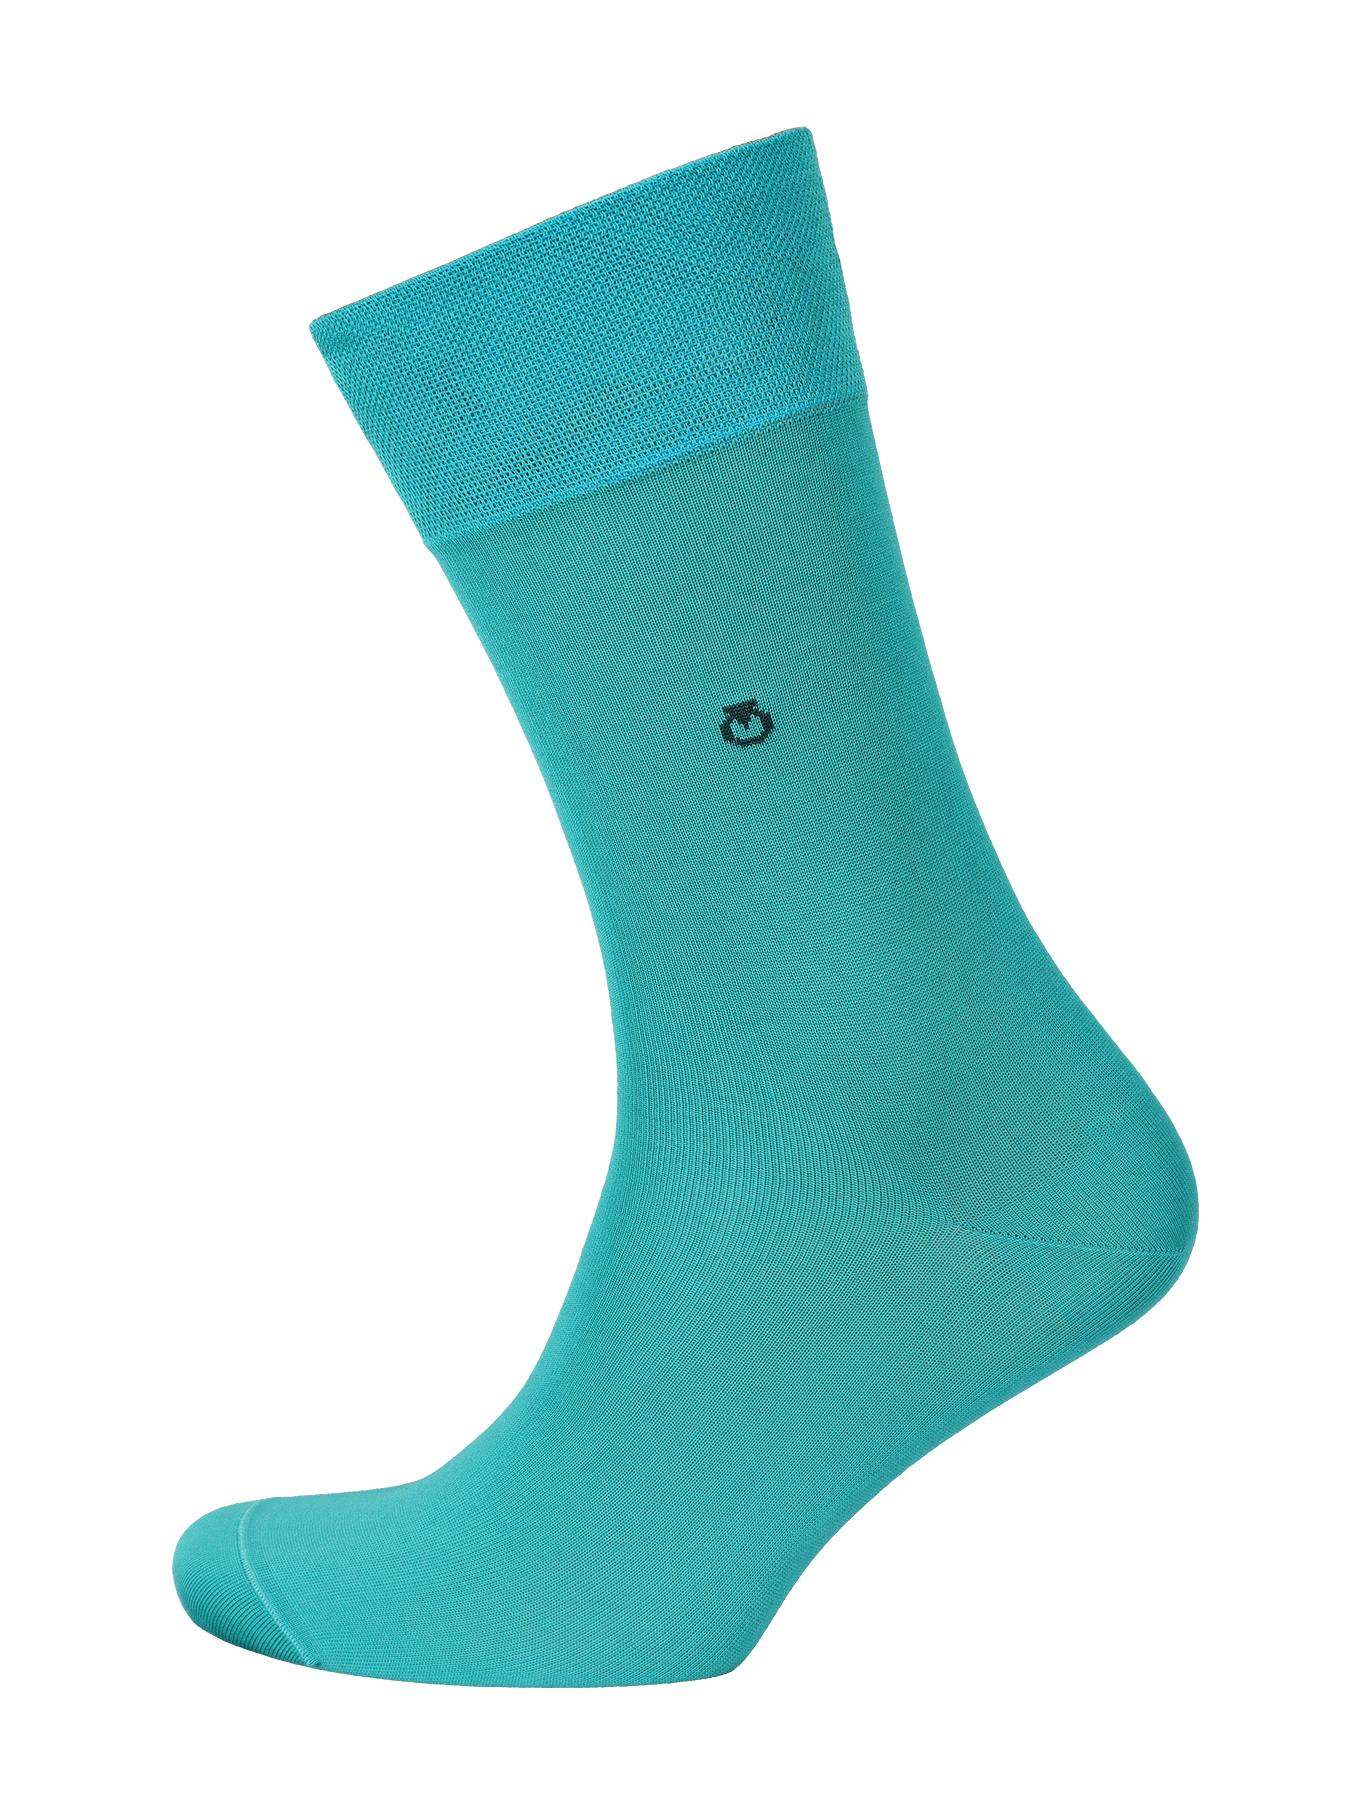 Мужские носки Opium Premium морская волна